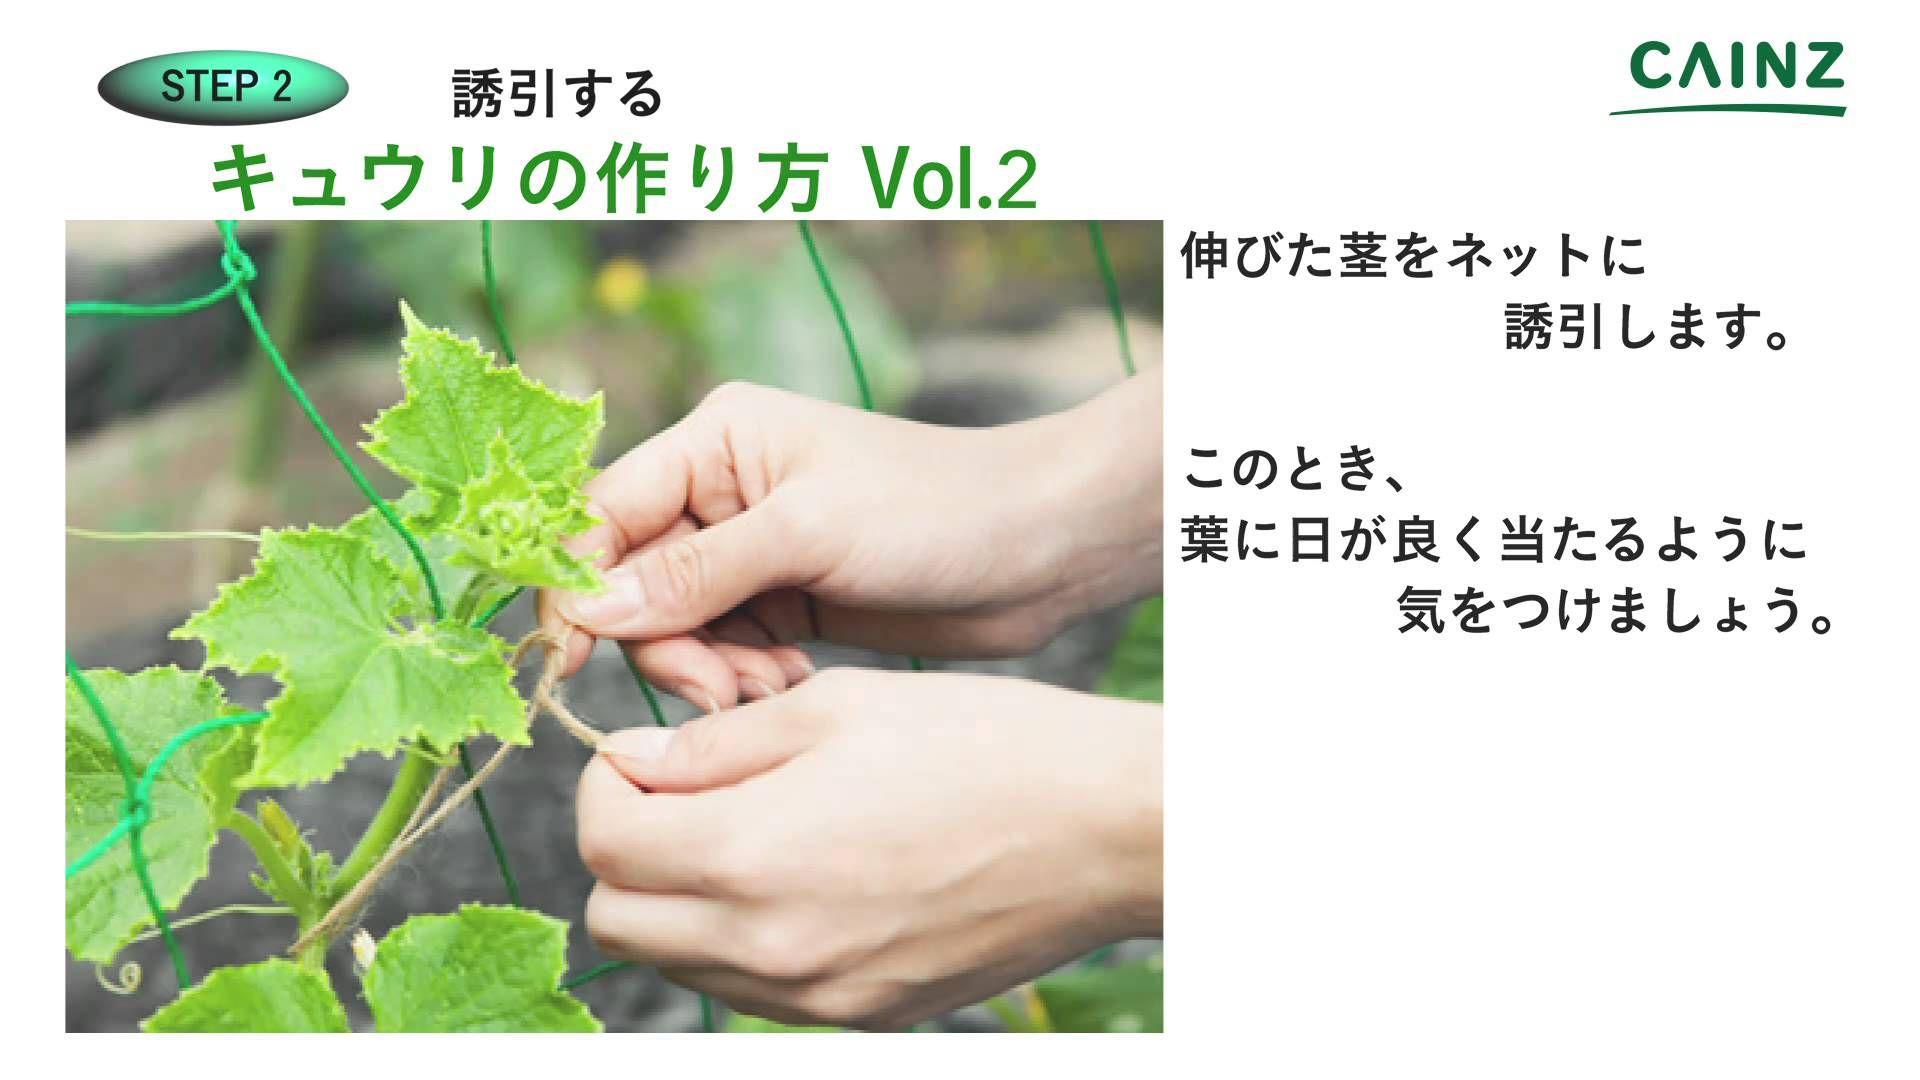 カインズhowto キュウリの育て方 Vol 2 キュウリ 家庭菜園 きゅうり